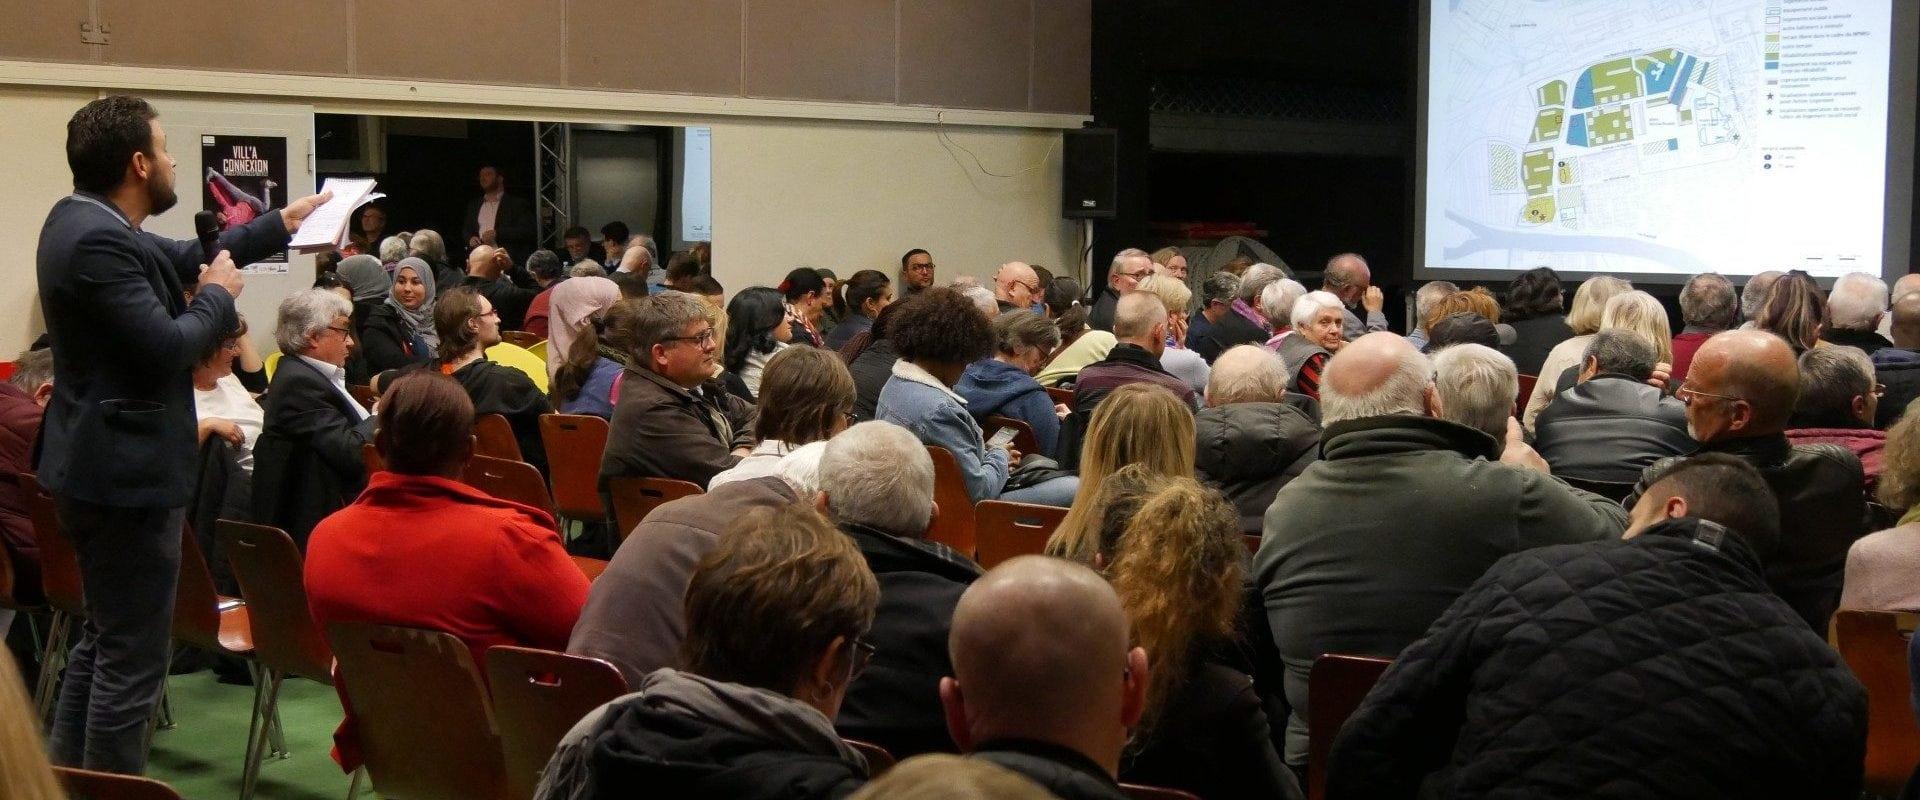 Face au projet de rénovation de l'Elsau, les habitants ne décolèrent pas